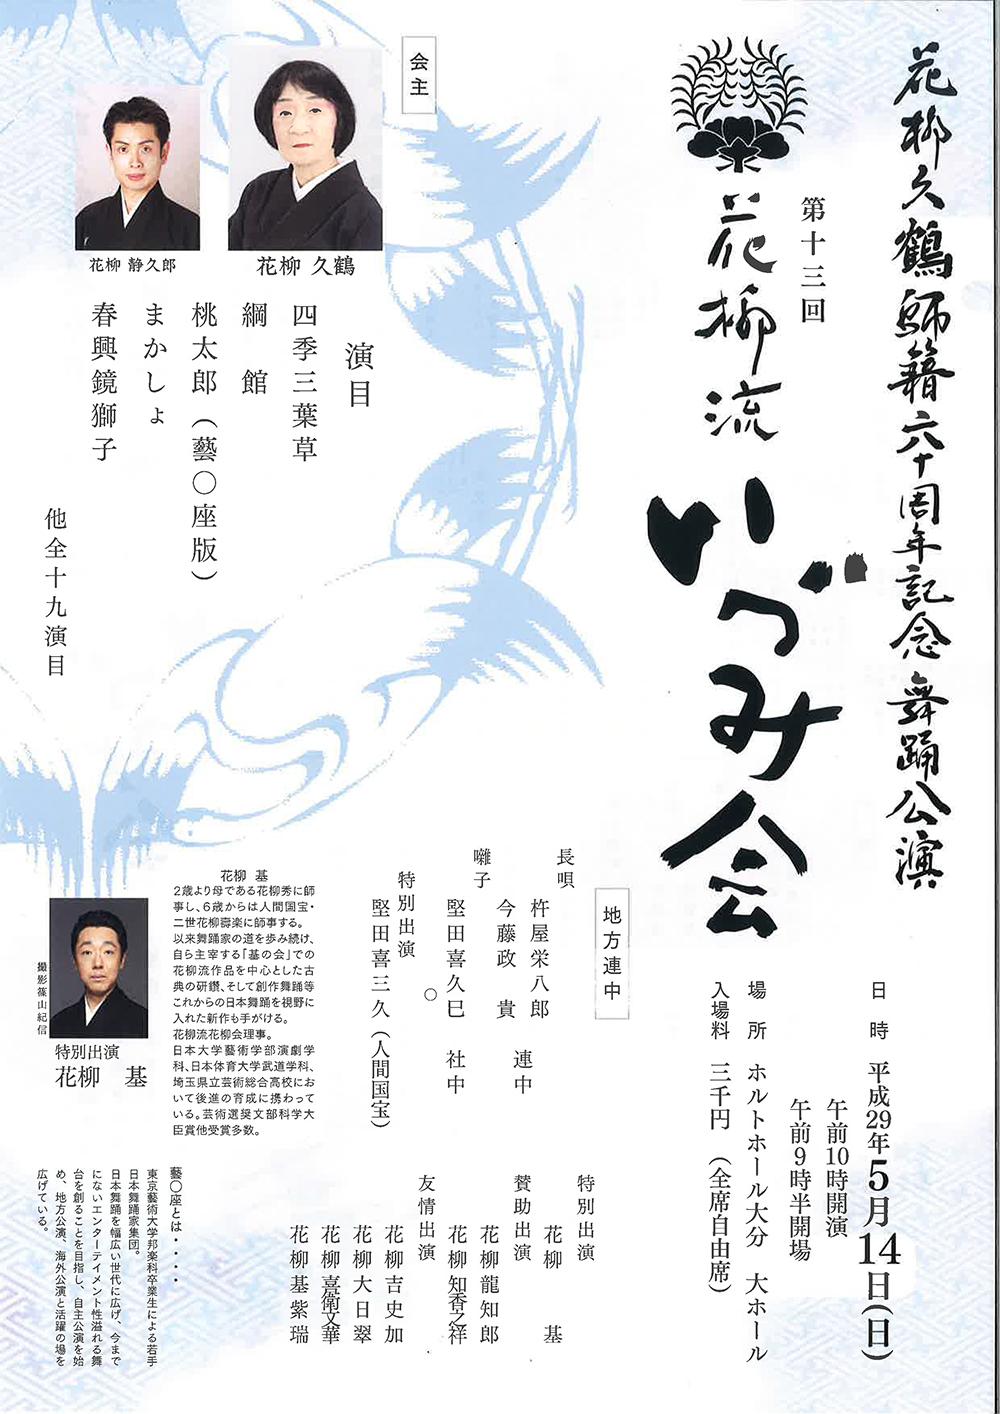 花柳久鶴師籍60周年記念舞踊公演...